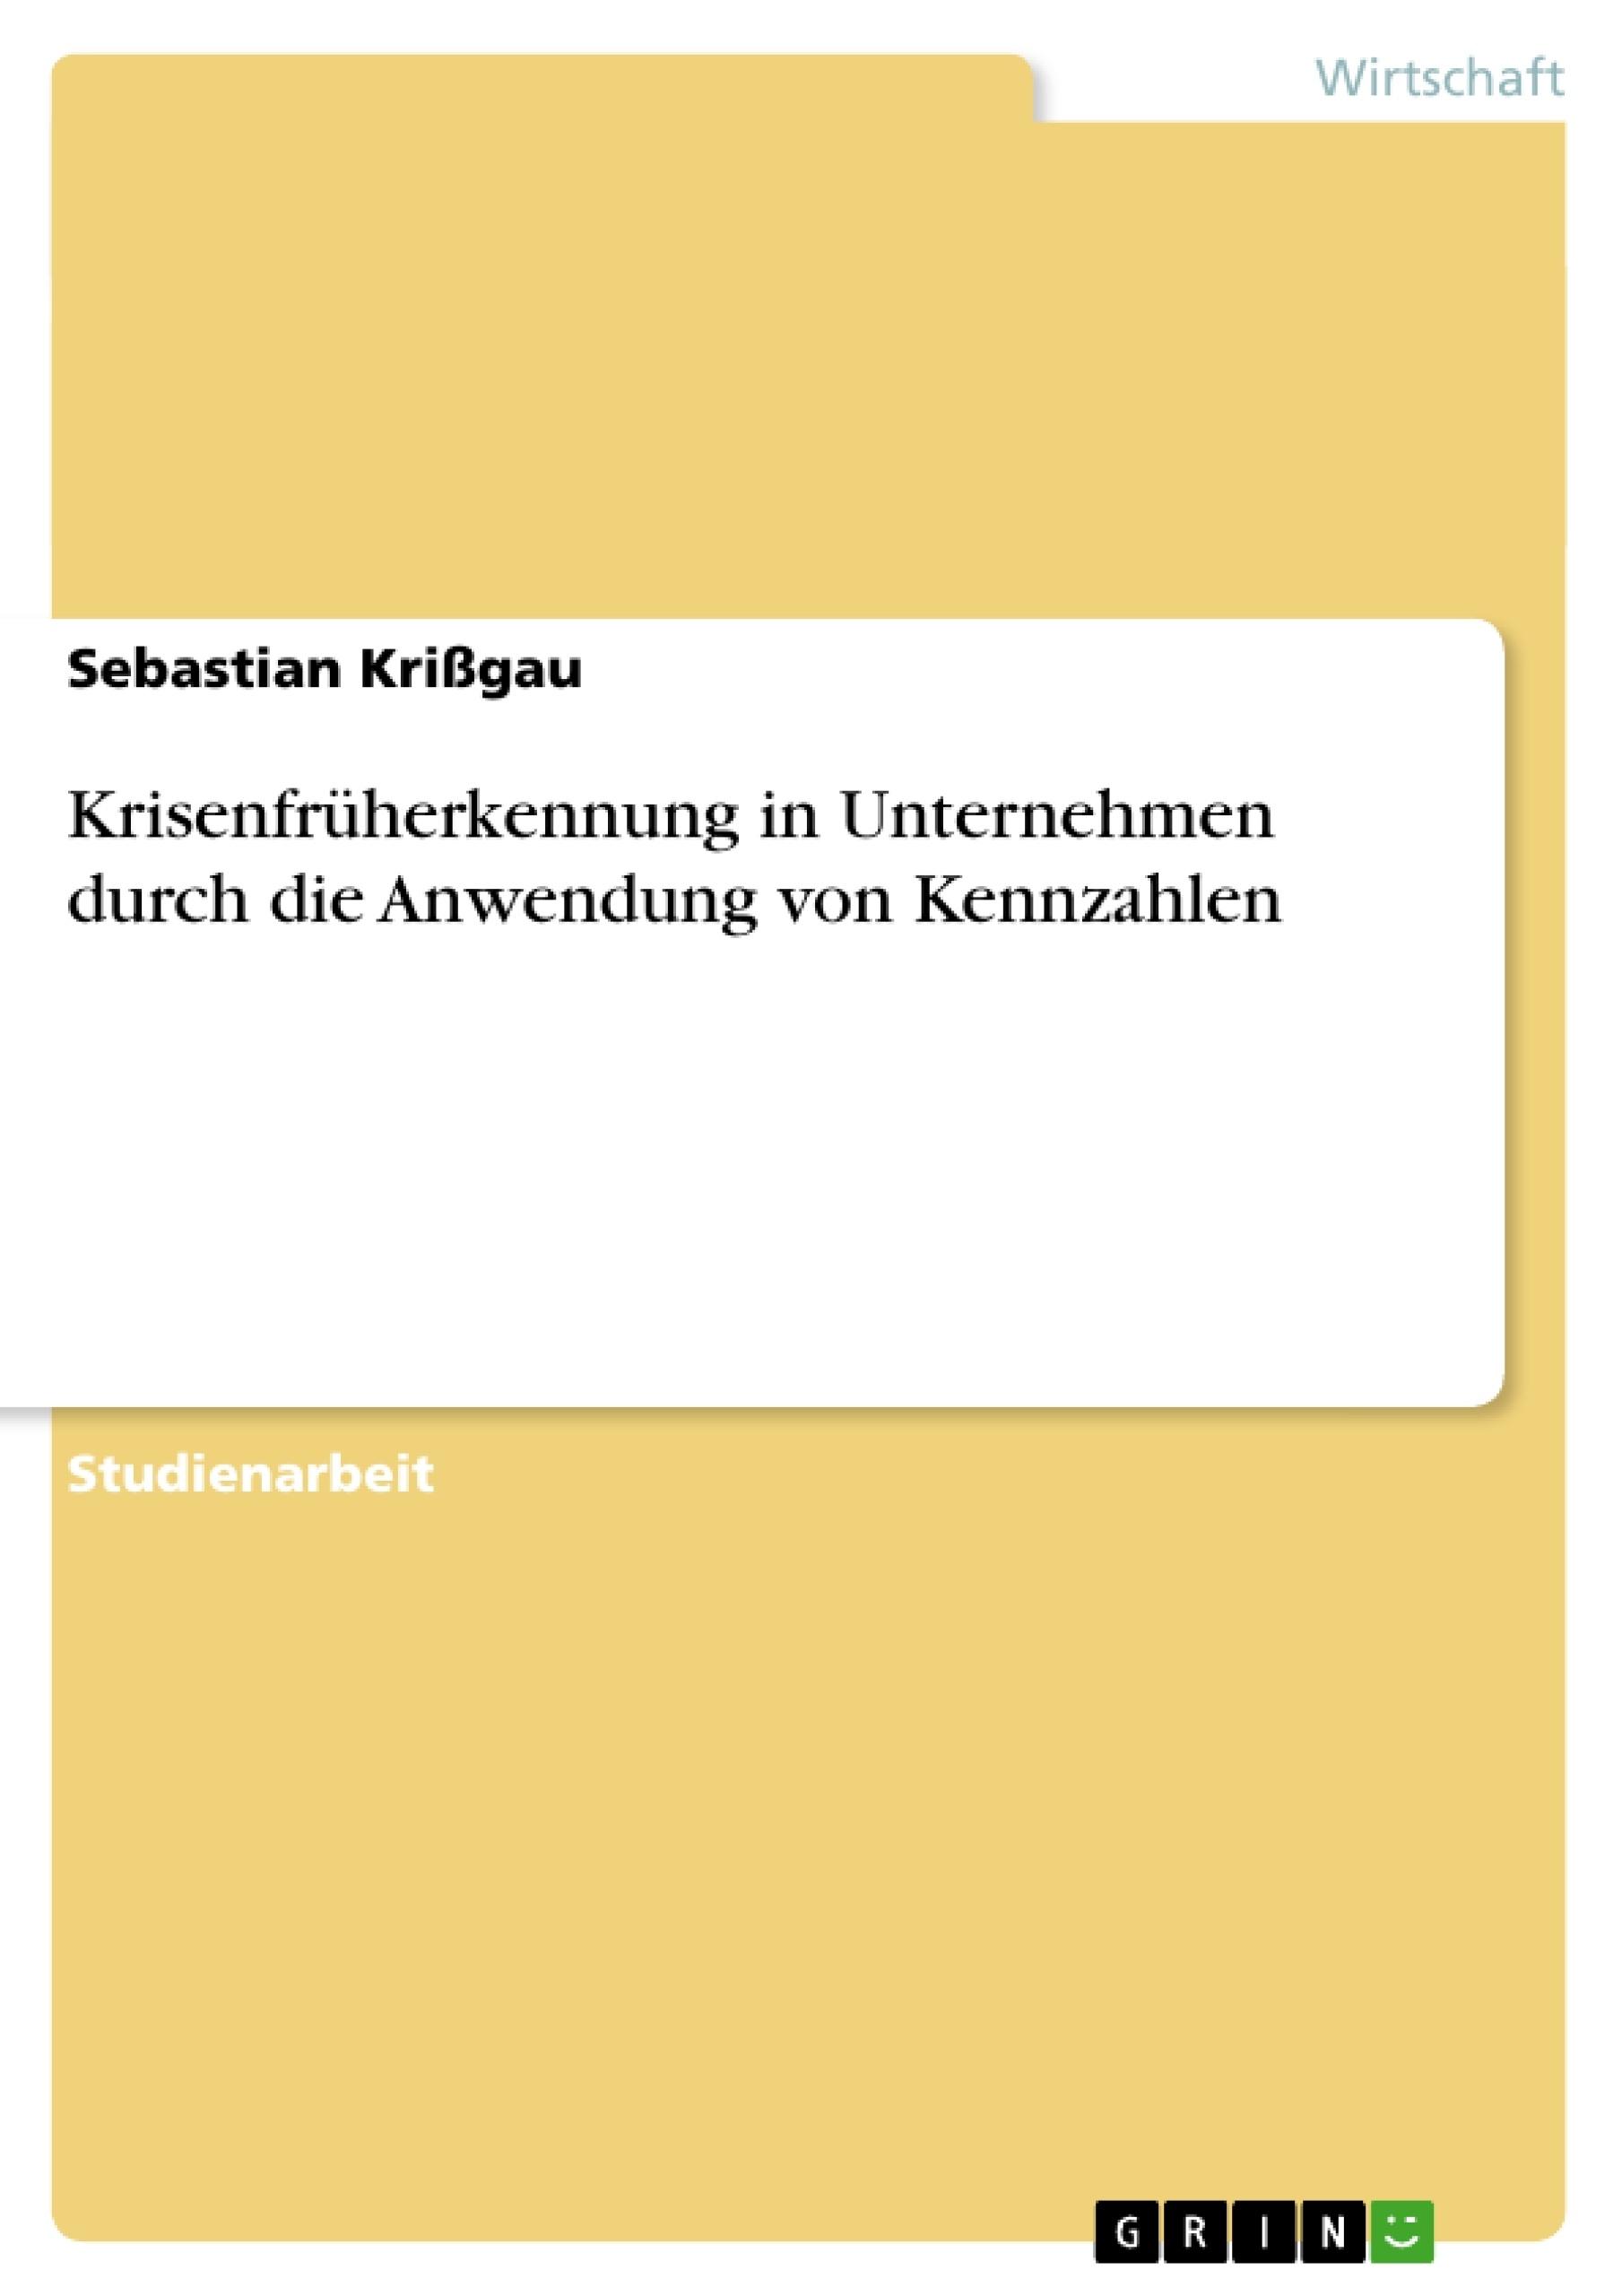 Titel: Krisenfrüherkennung in Unternehmen durch die Anwendung von Kennzahlen